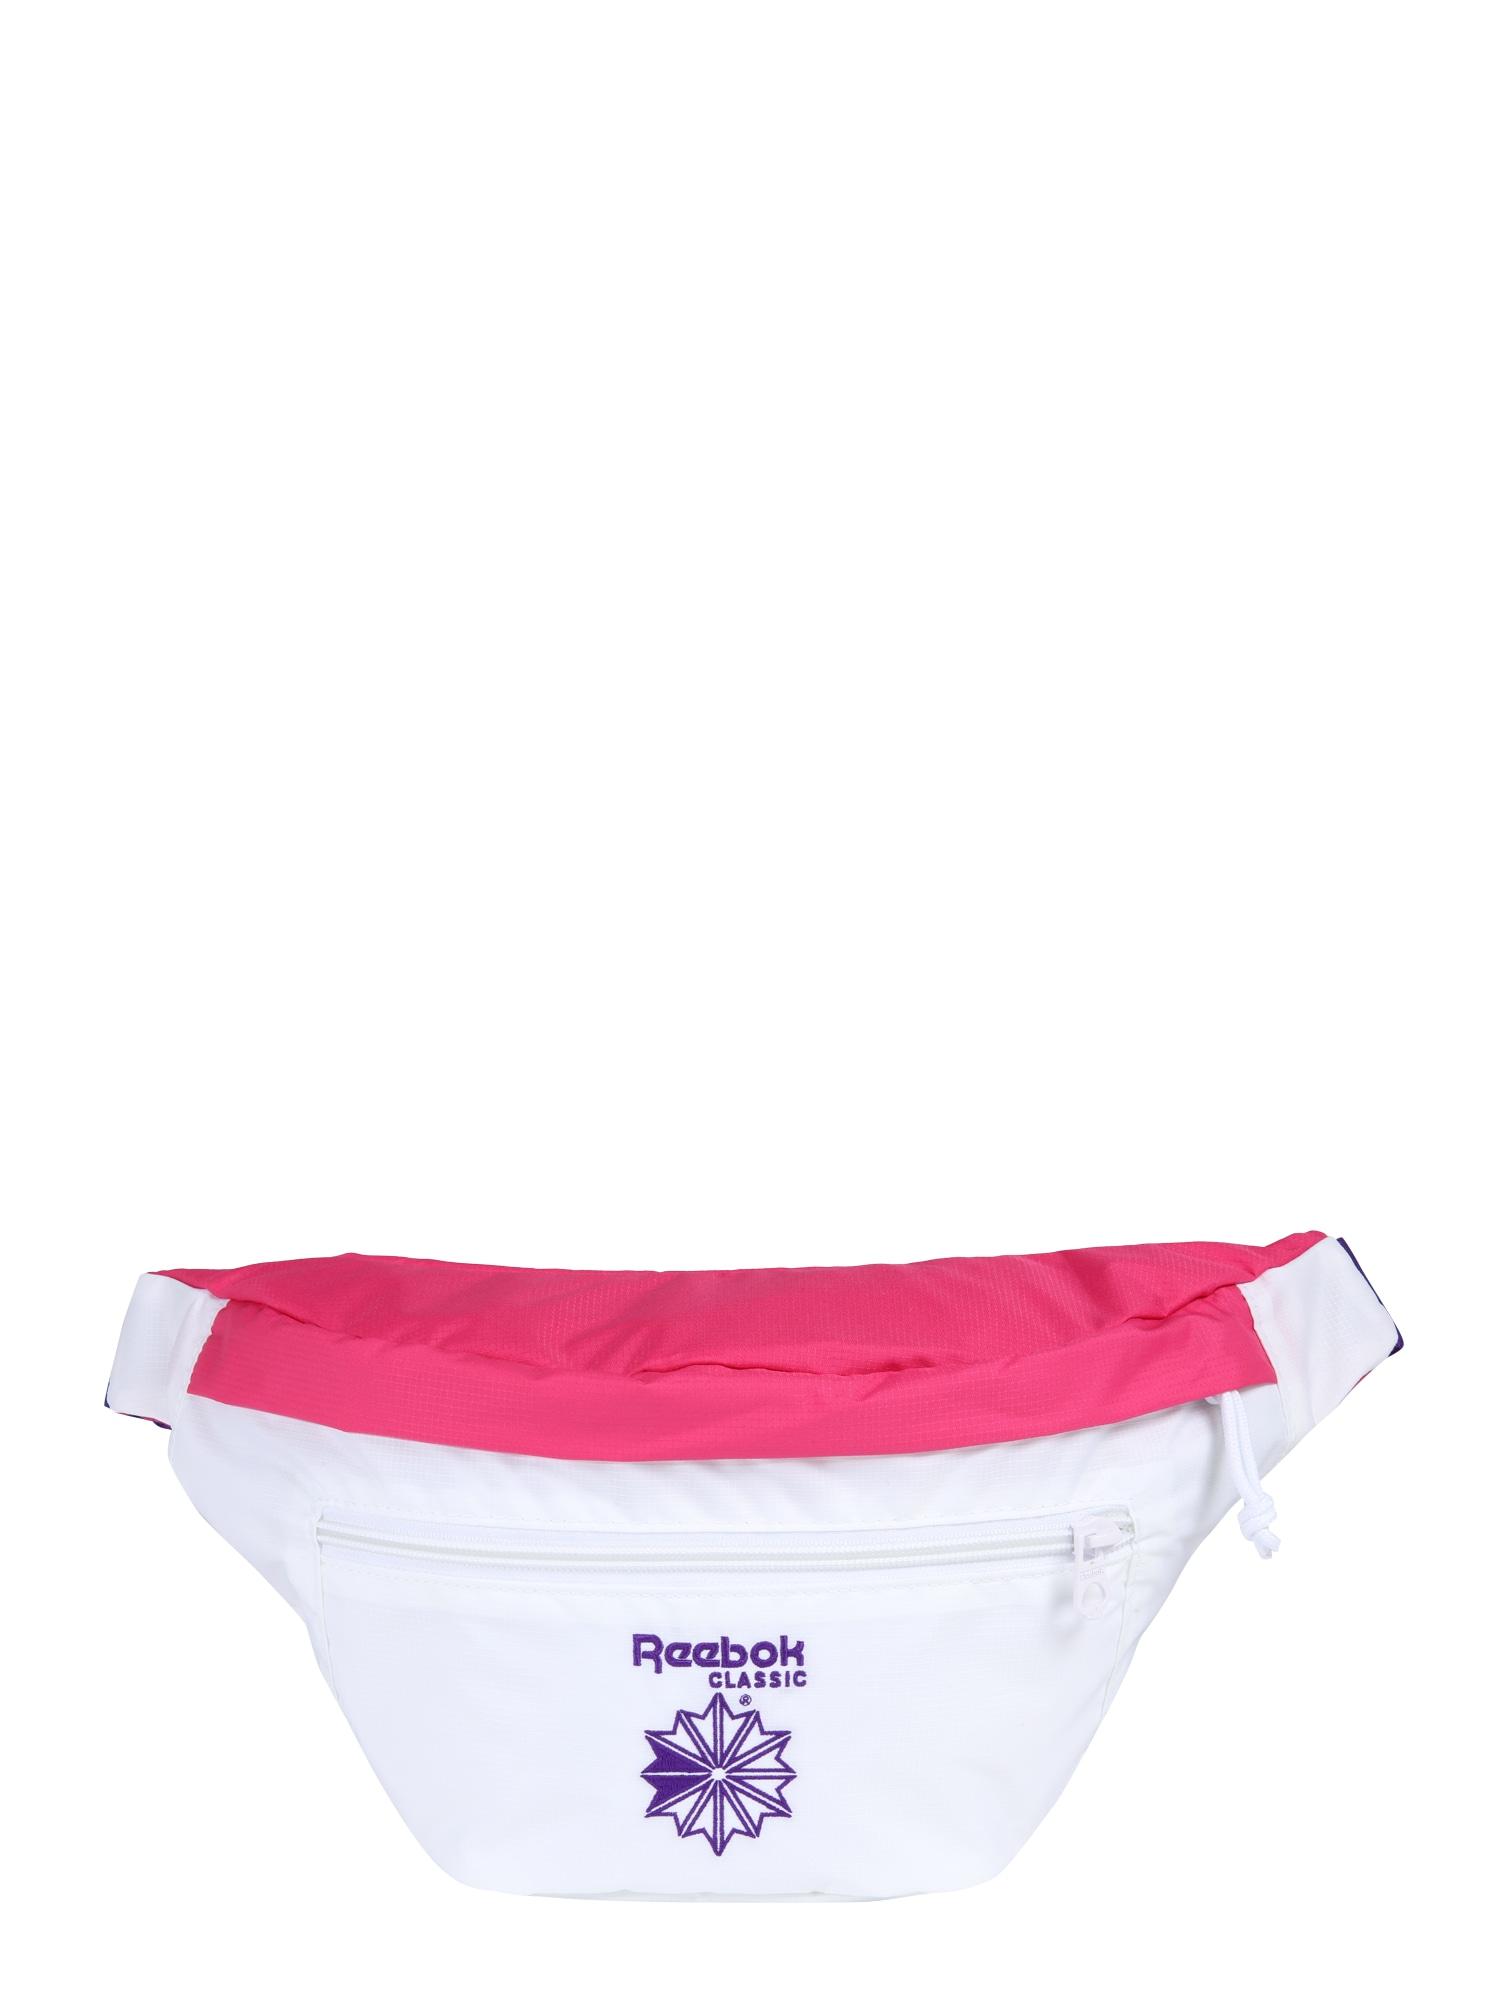 Ledvinka Cl Retro running pink bílá Reebok Classic